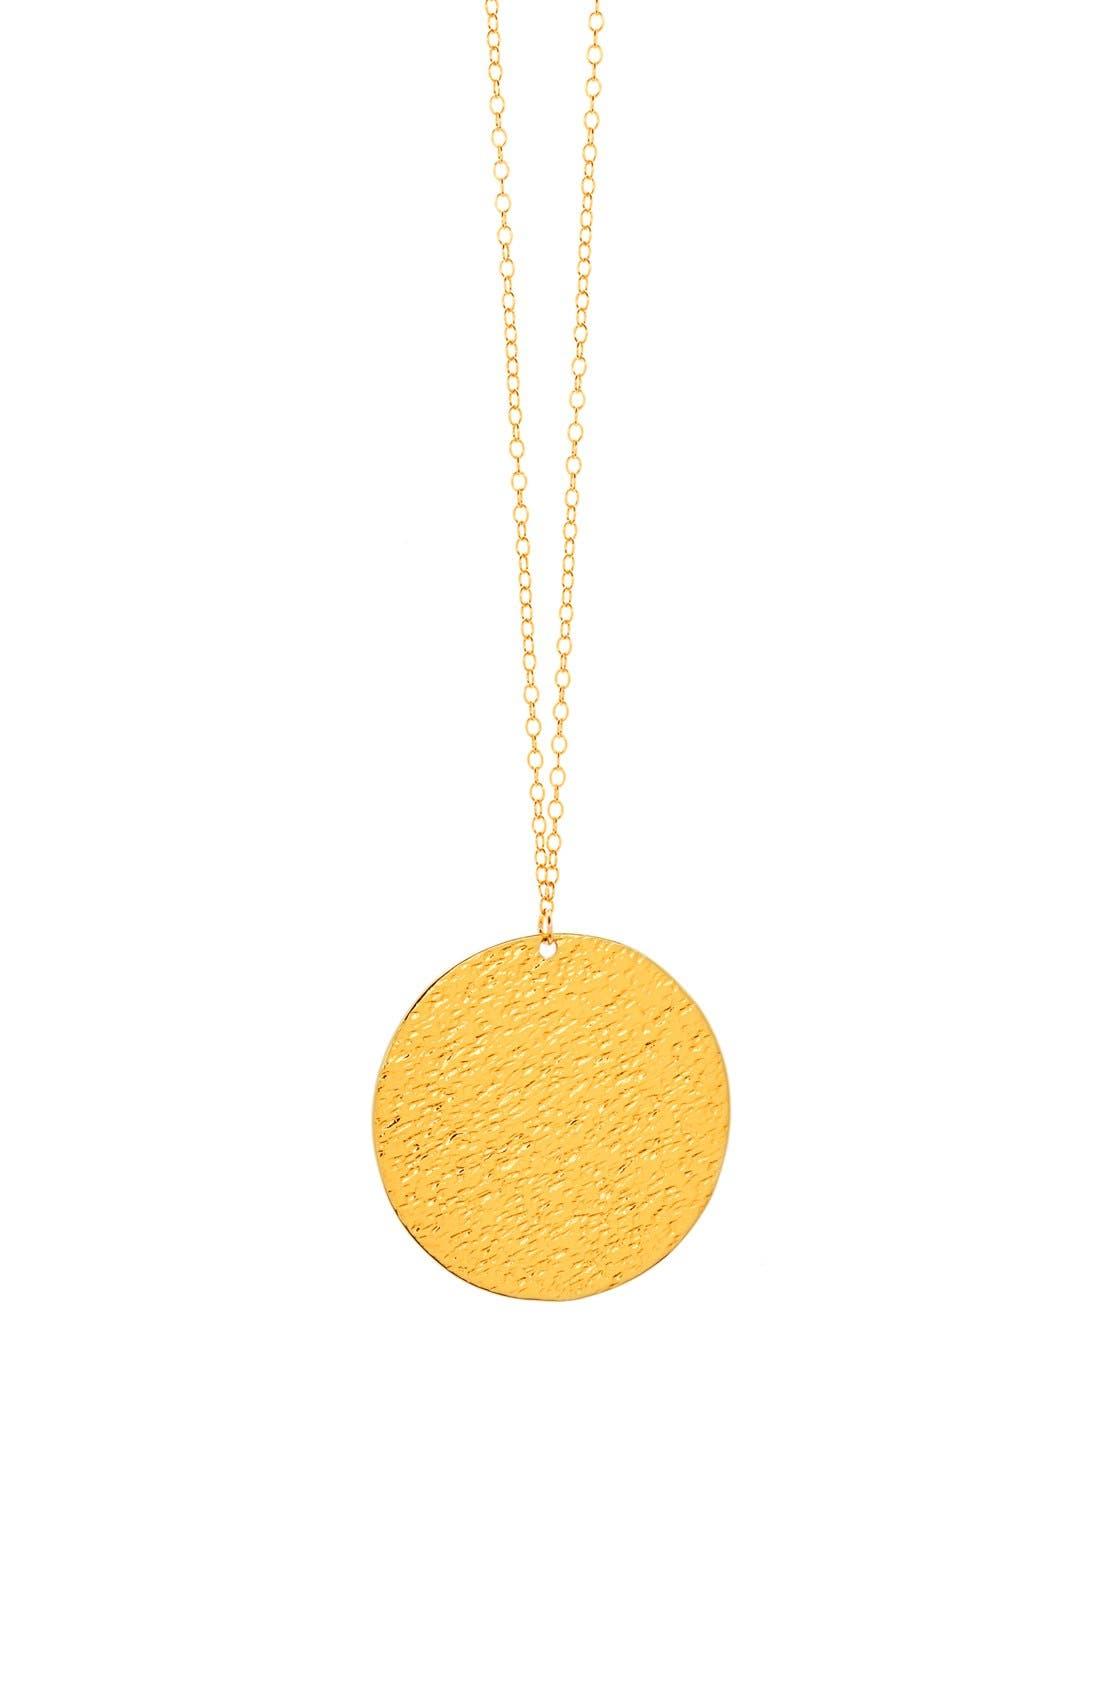 Main Image - gorjana 'Faye' Pendant Necklace